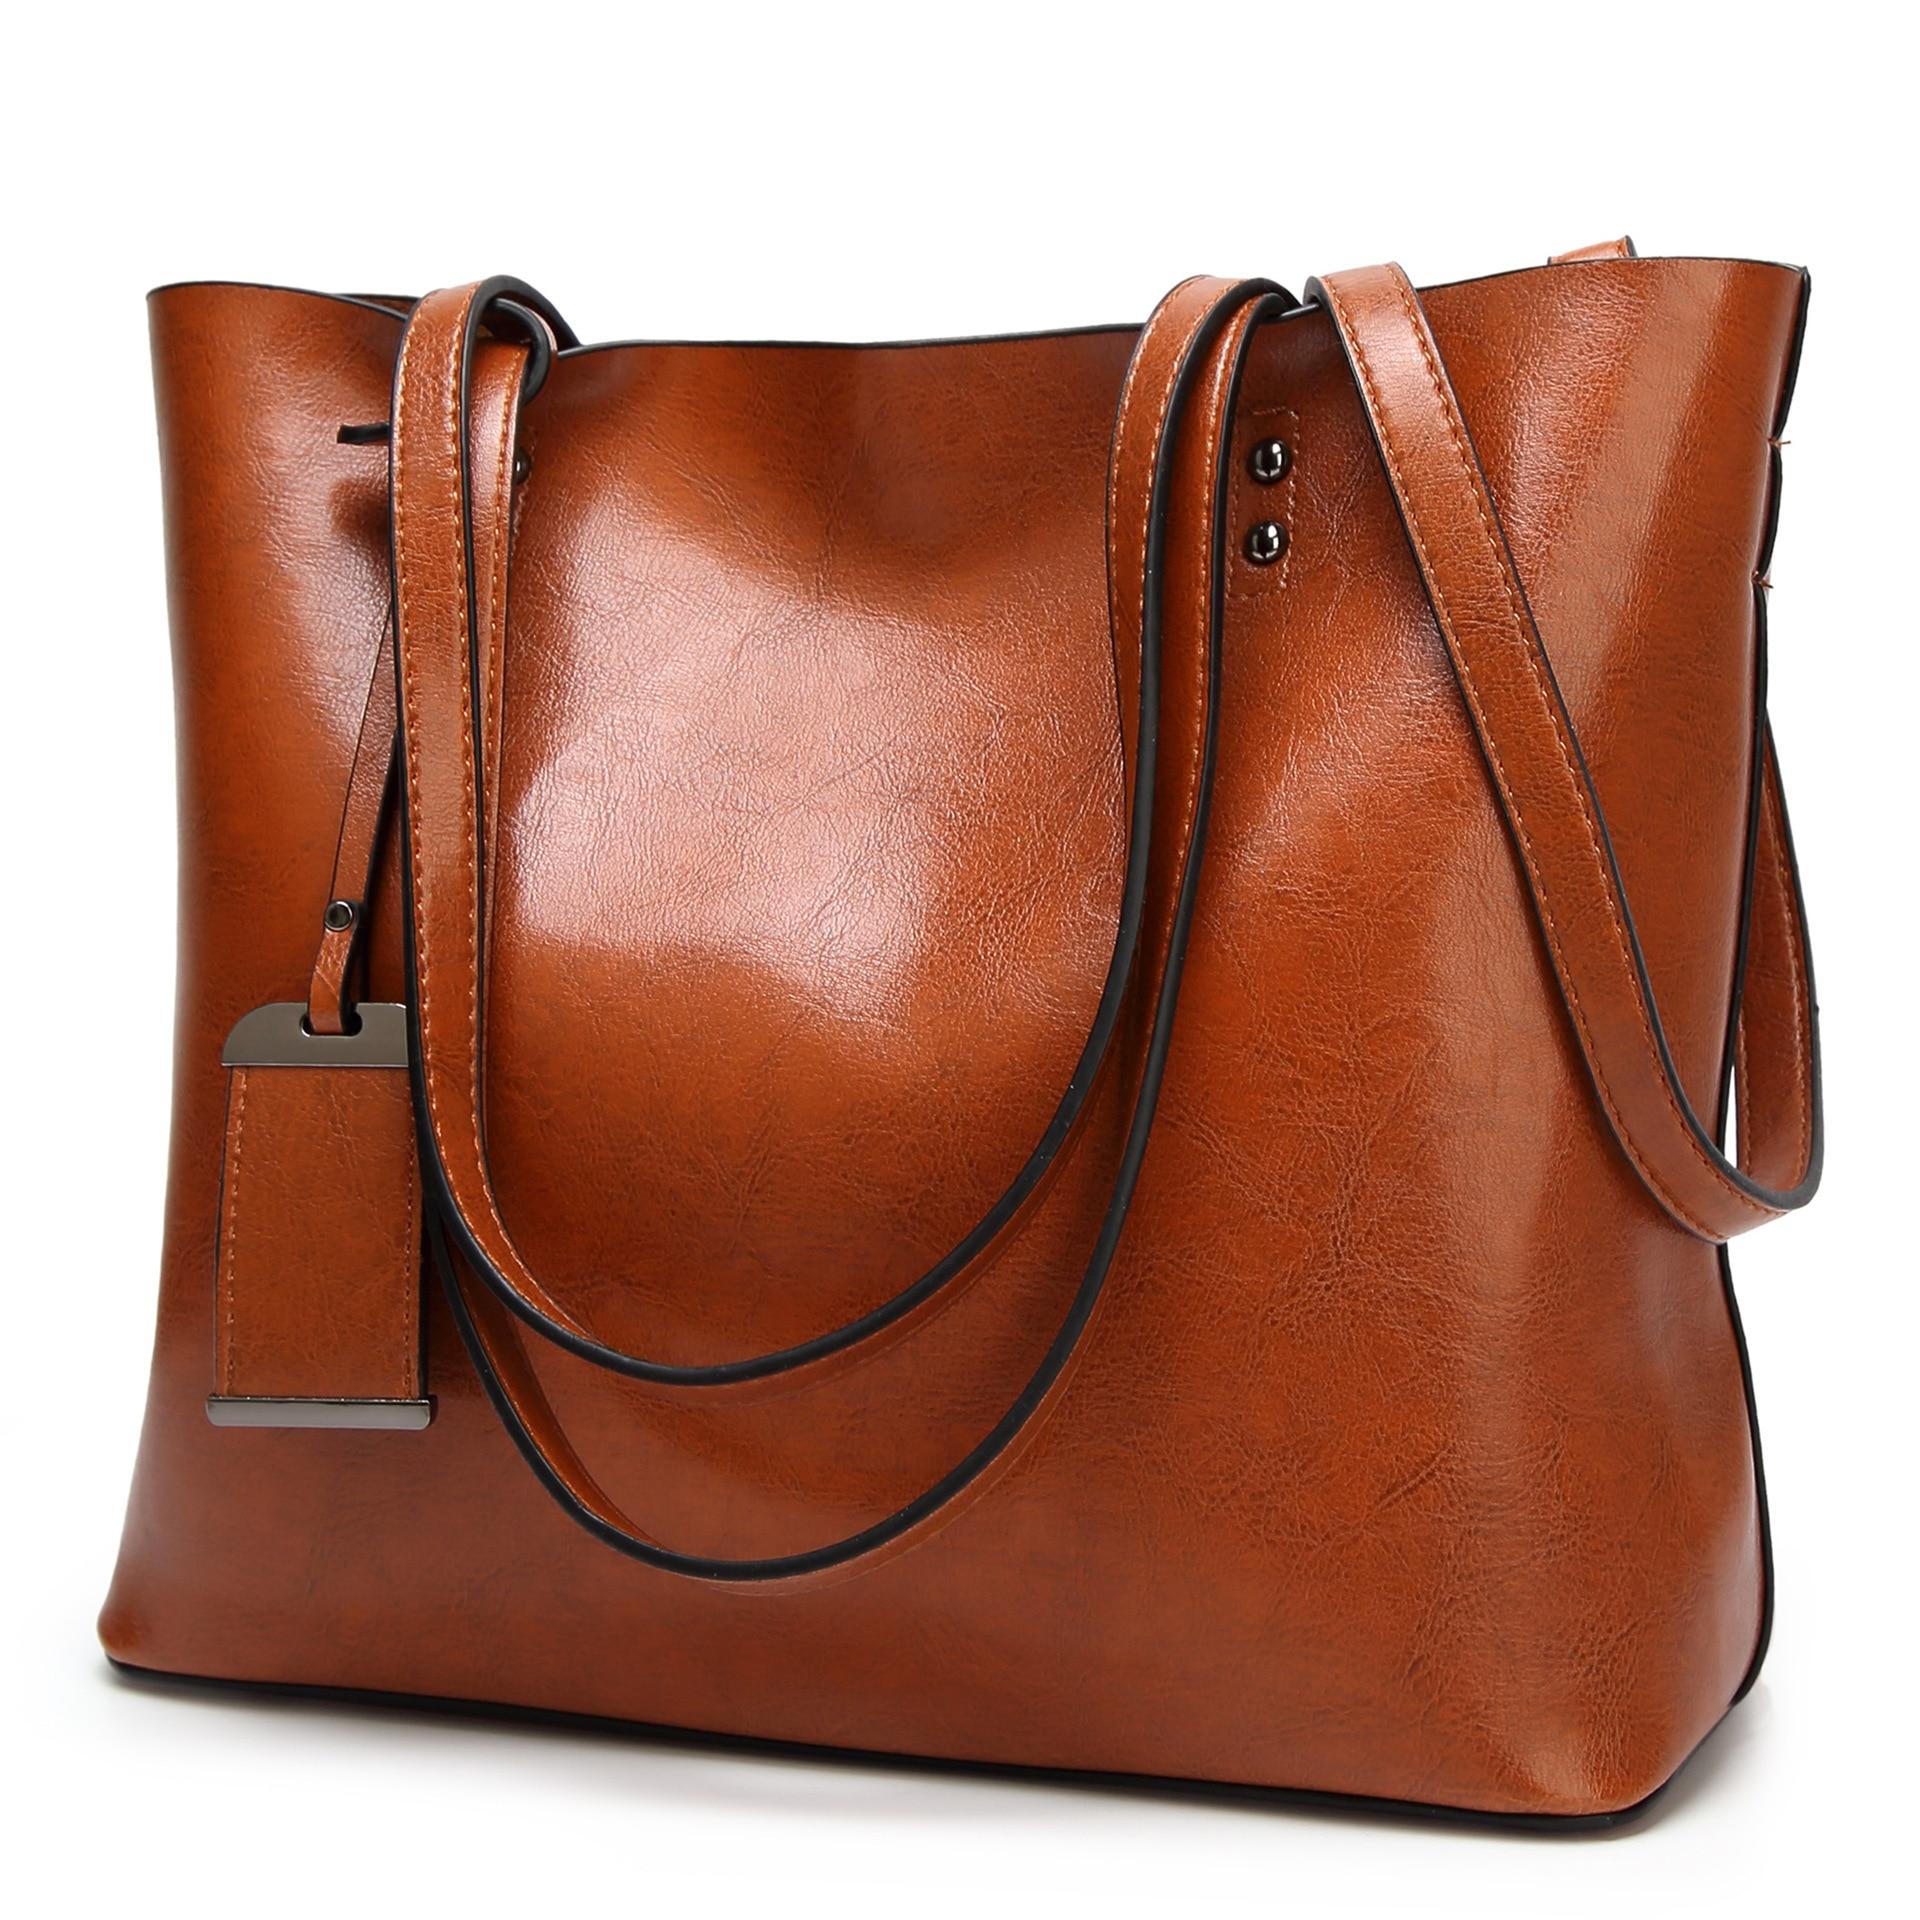 Bolsos de mano de lujo de cuero genuino, bolso de diseñador para mujer, bolsos cruzados Vintage de hombro para mujer, alta calidad C1079